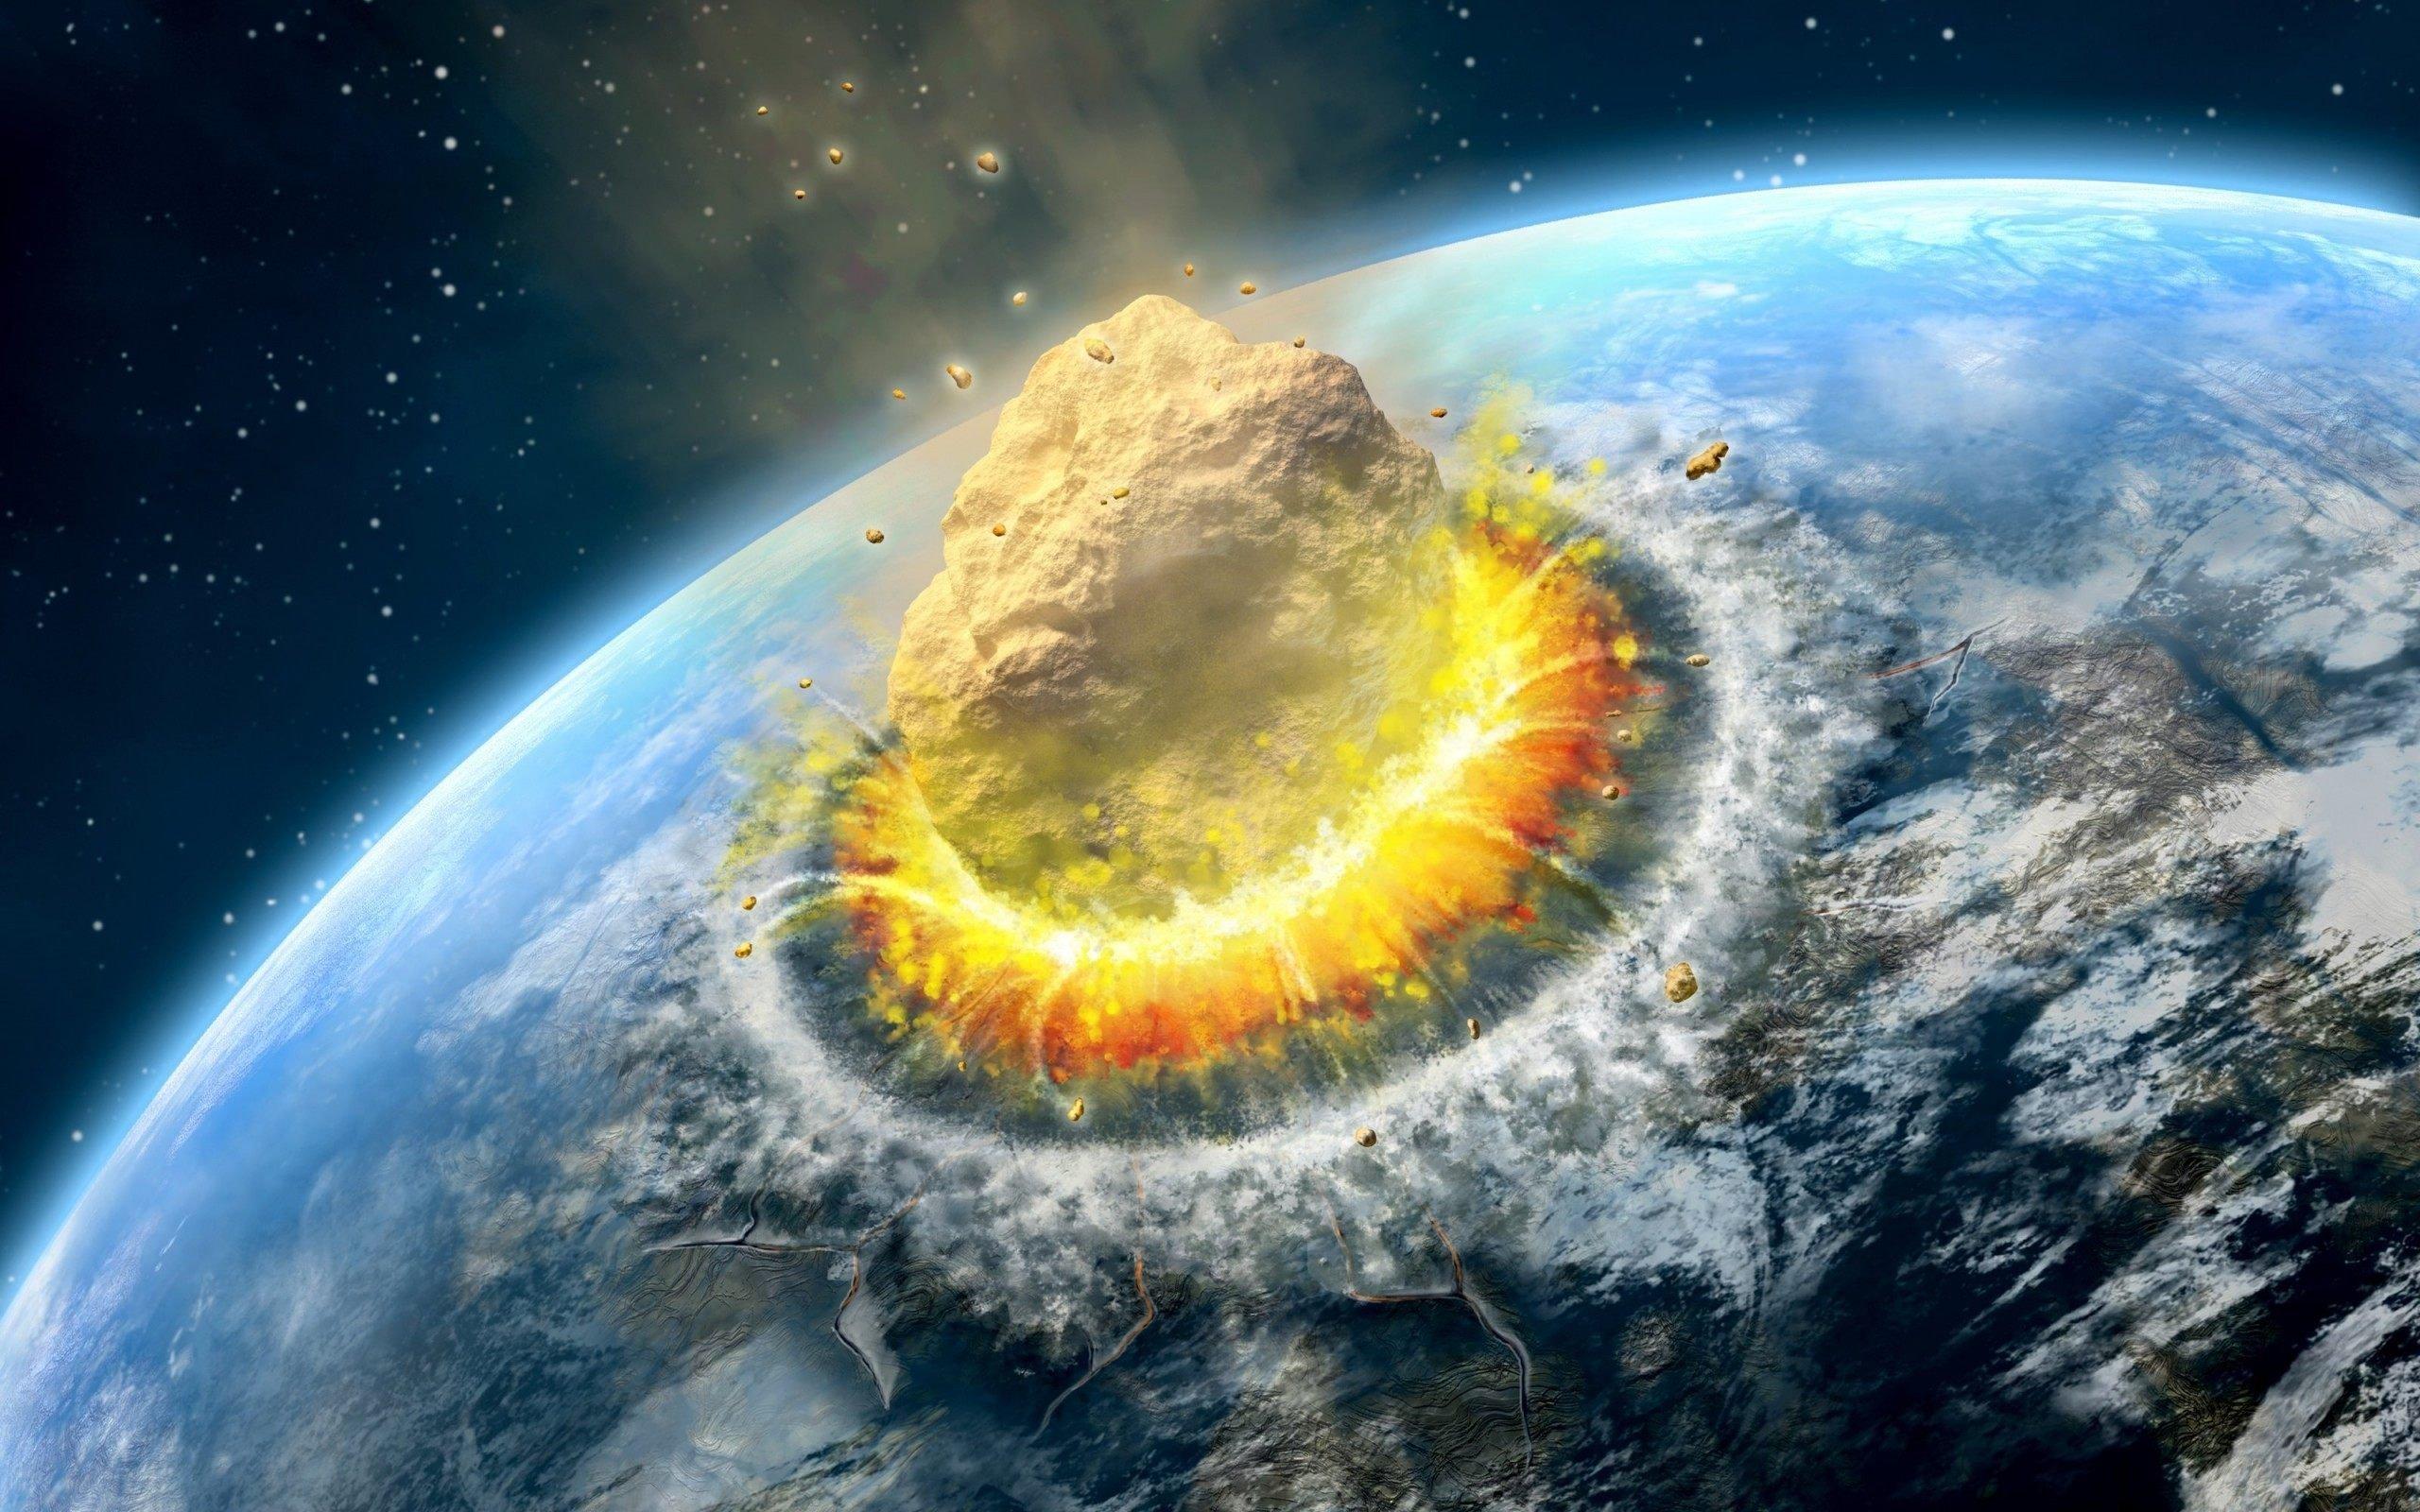 Астероиды опасные для земли список какие анаболики употреблял шварценеггер